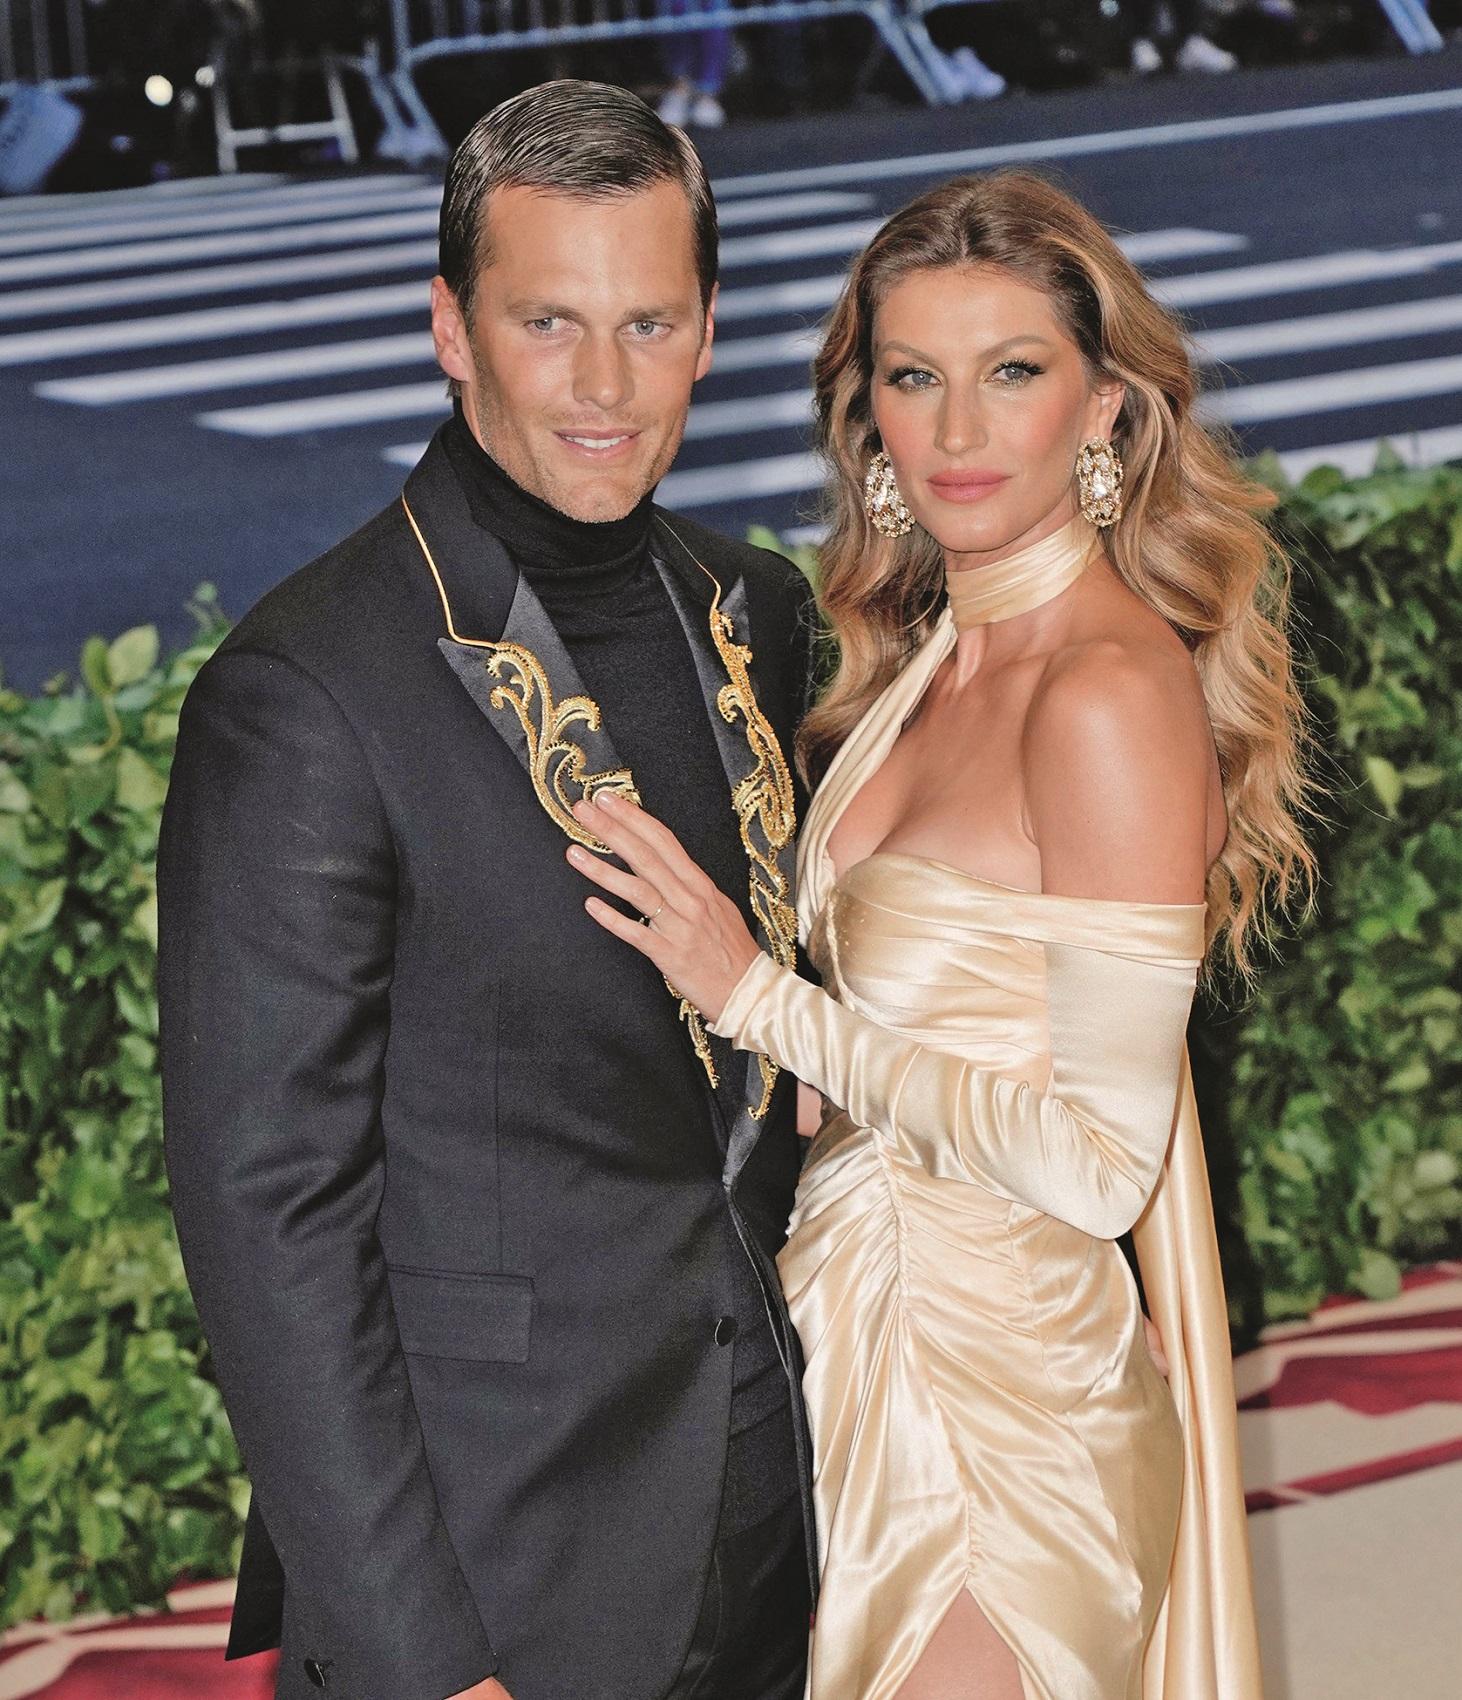 Tom Brady je od 2009. u braku s brazilskim modelom Gisele Bündchen.